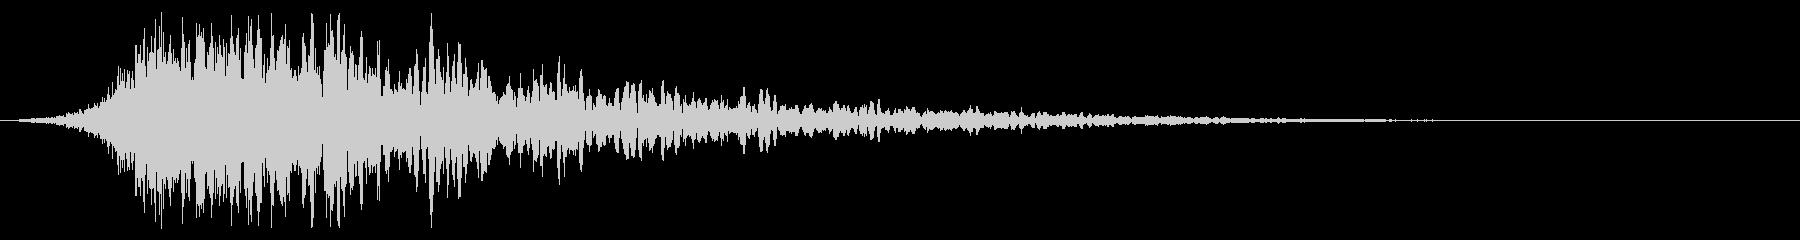 シュードーン-53-1(インパクト音)の未再生の波形